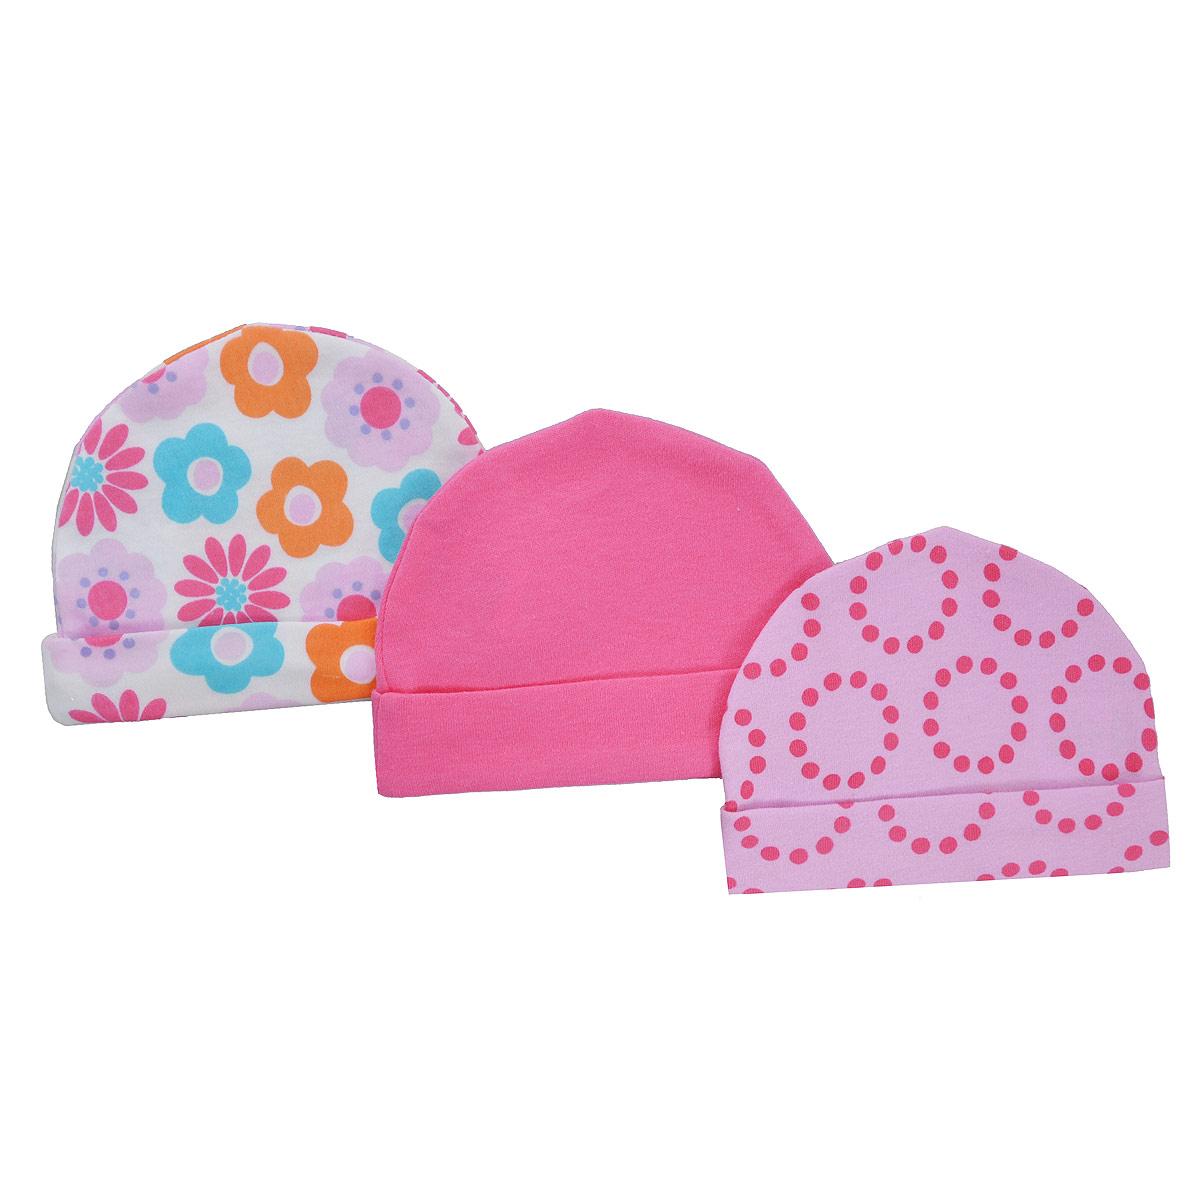 Шапочка для новорожденного Luvable Friends, цвет: розовый, белый, 3 шт. 34556. Размер 55/67, 0-6 месцев